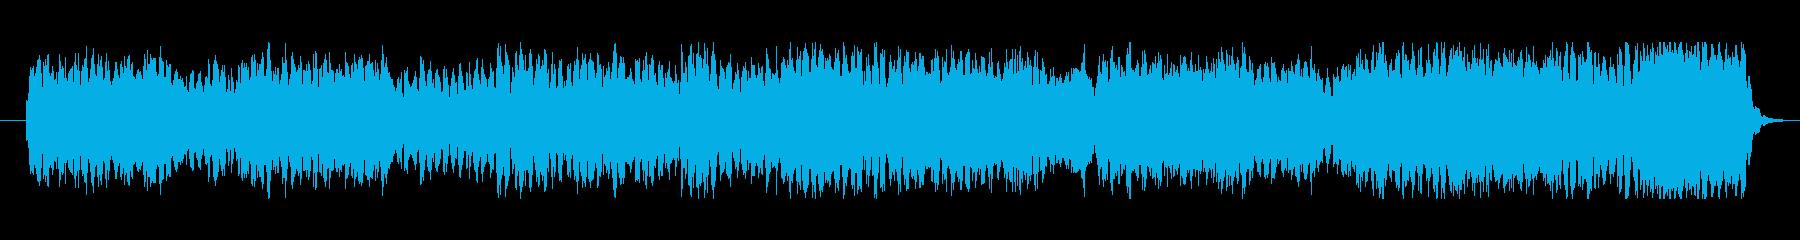 メロディアスなヒーリングミュージックの再生済みの波形